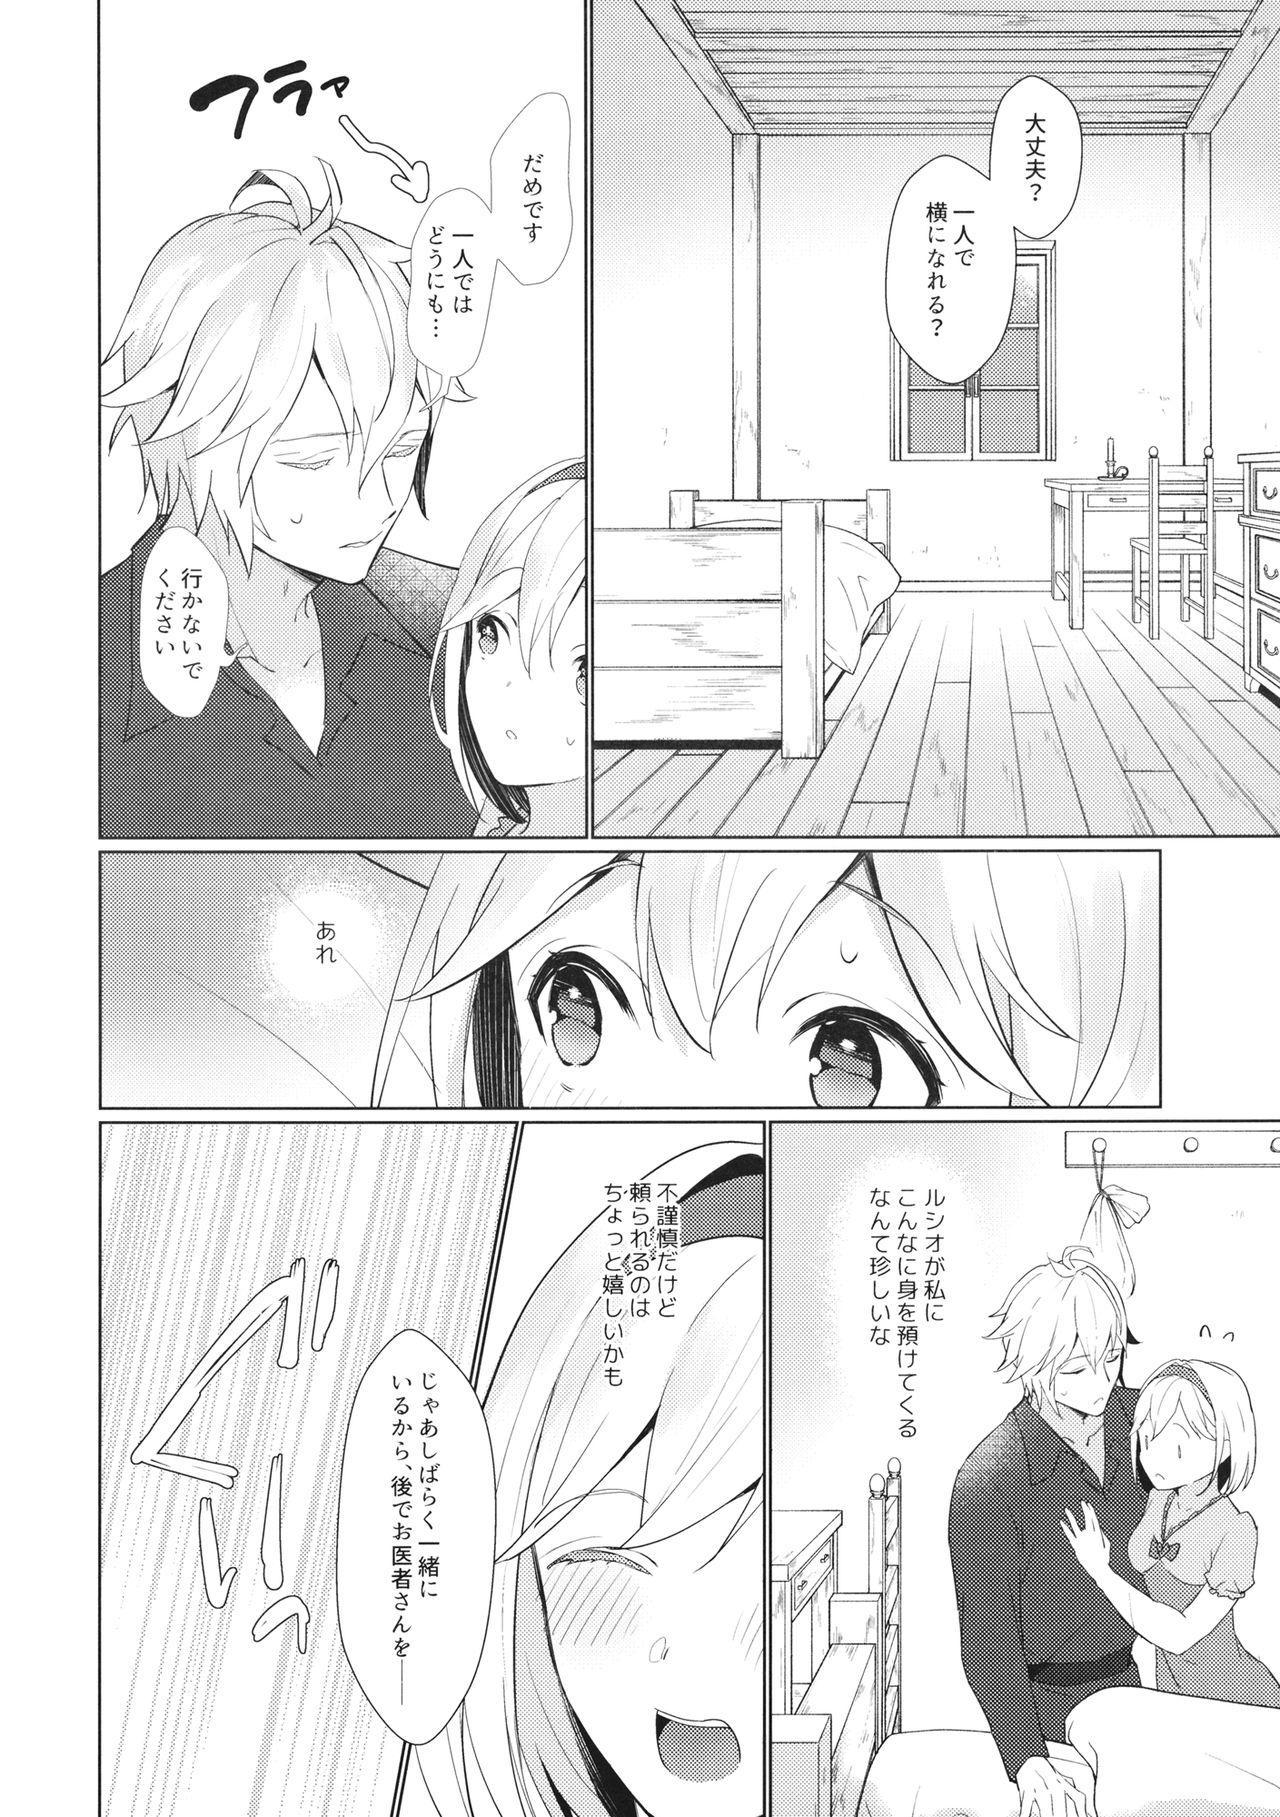 Jingai no Kare ga Ningen Seikatsu Hajimemashita 8